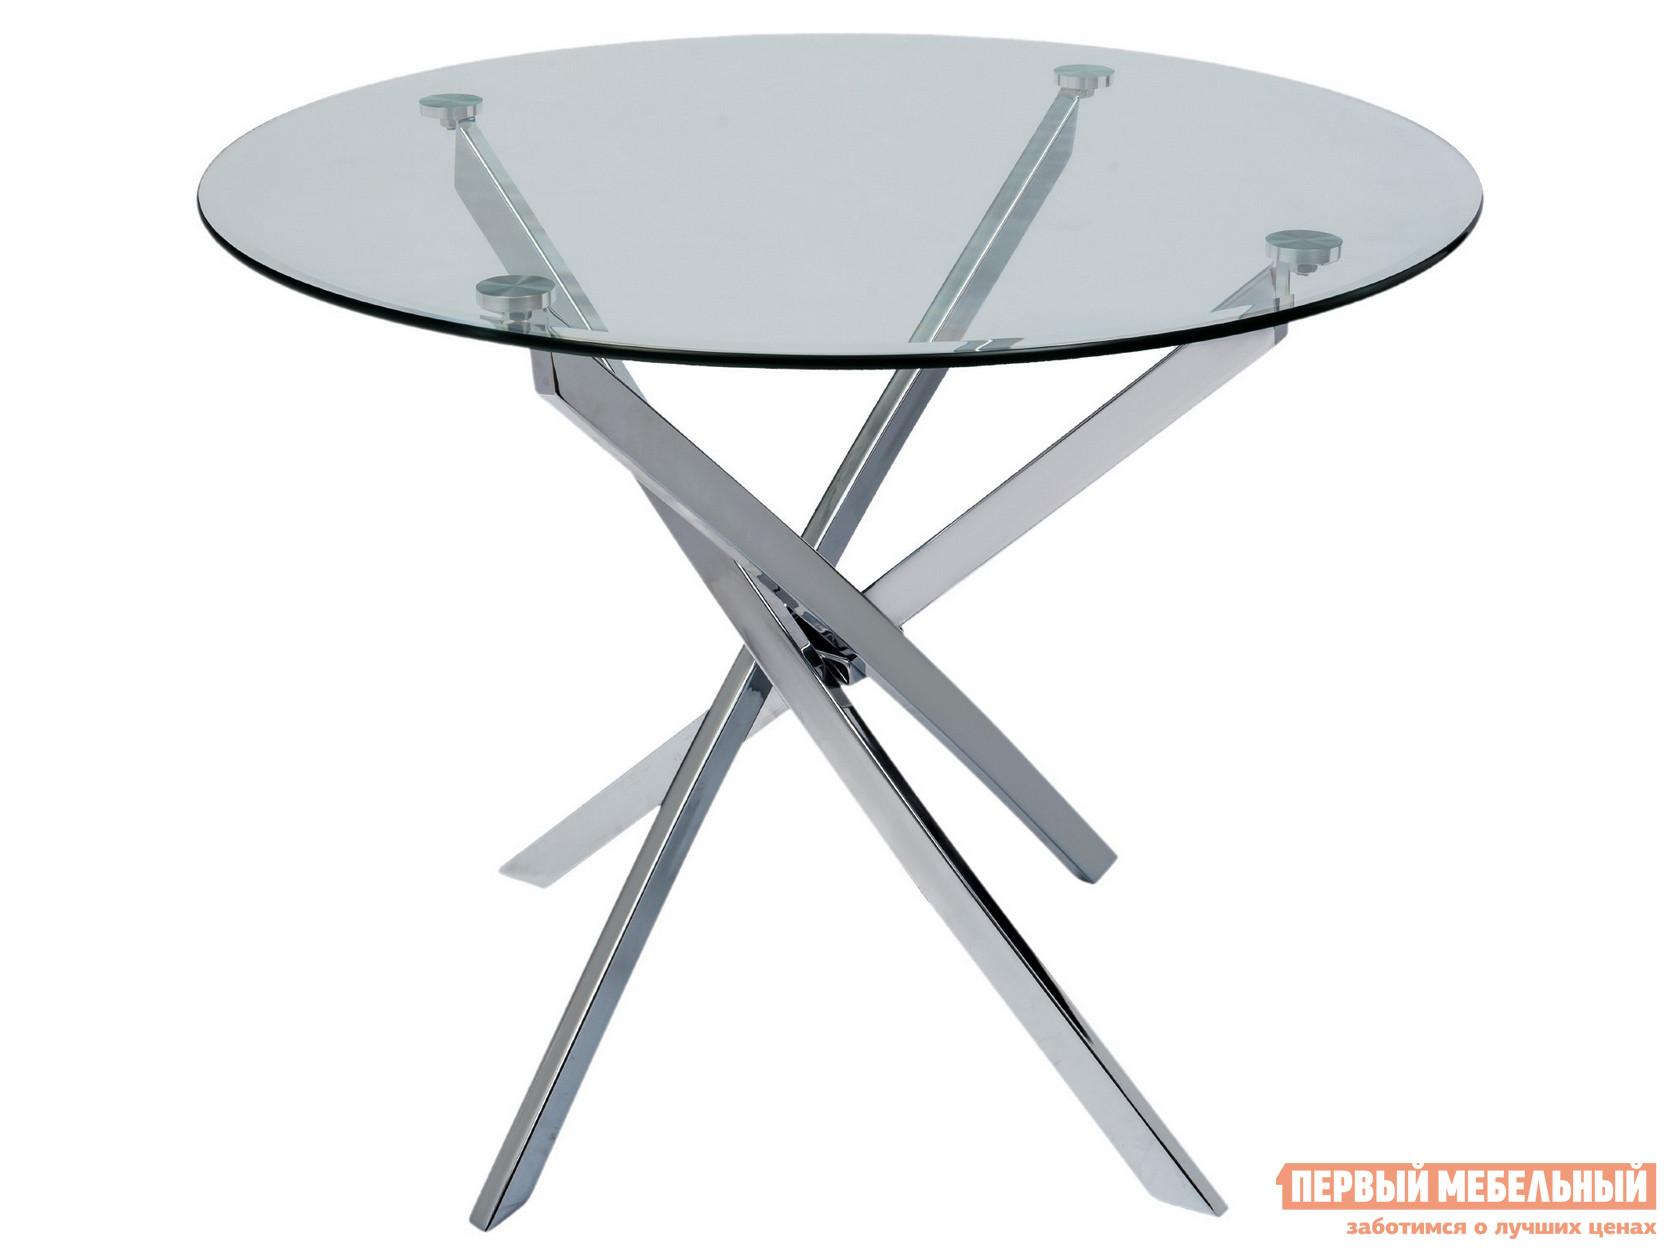 Кухонный стол Первый Мебельный Стол Z-213/100 GLASS+Z-213/100 LEGS